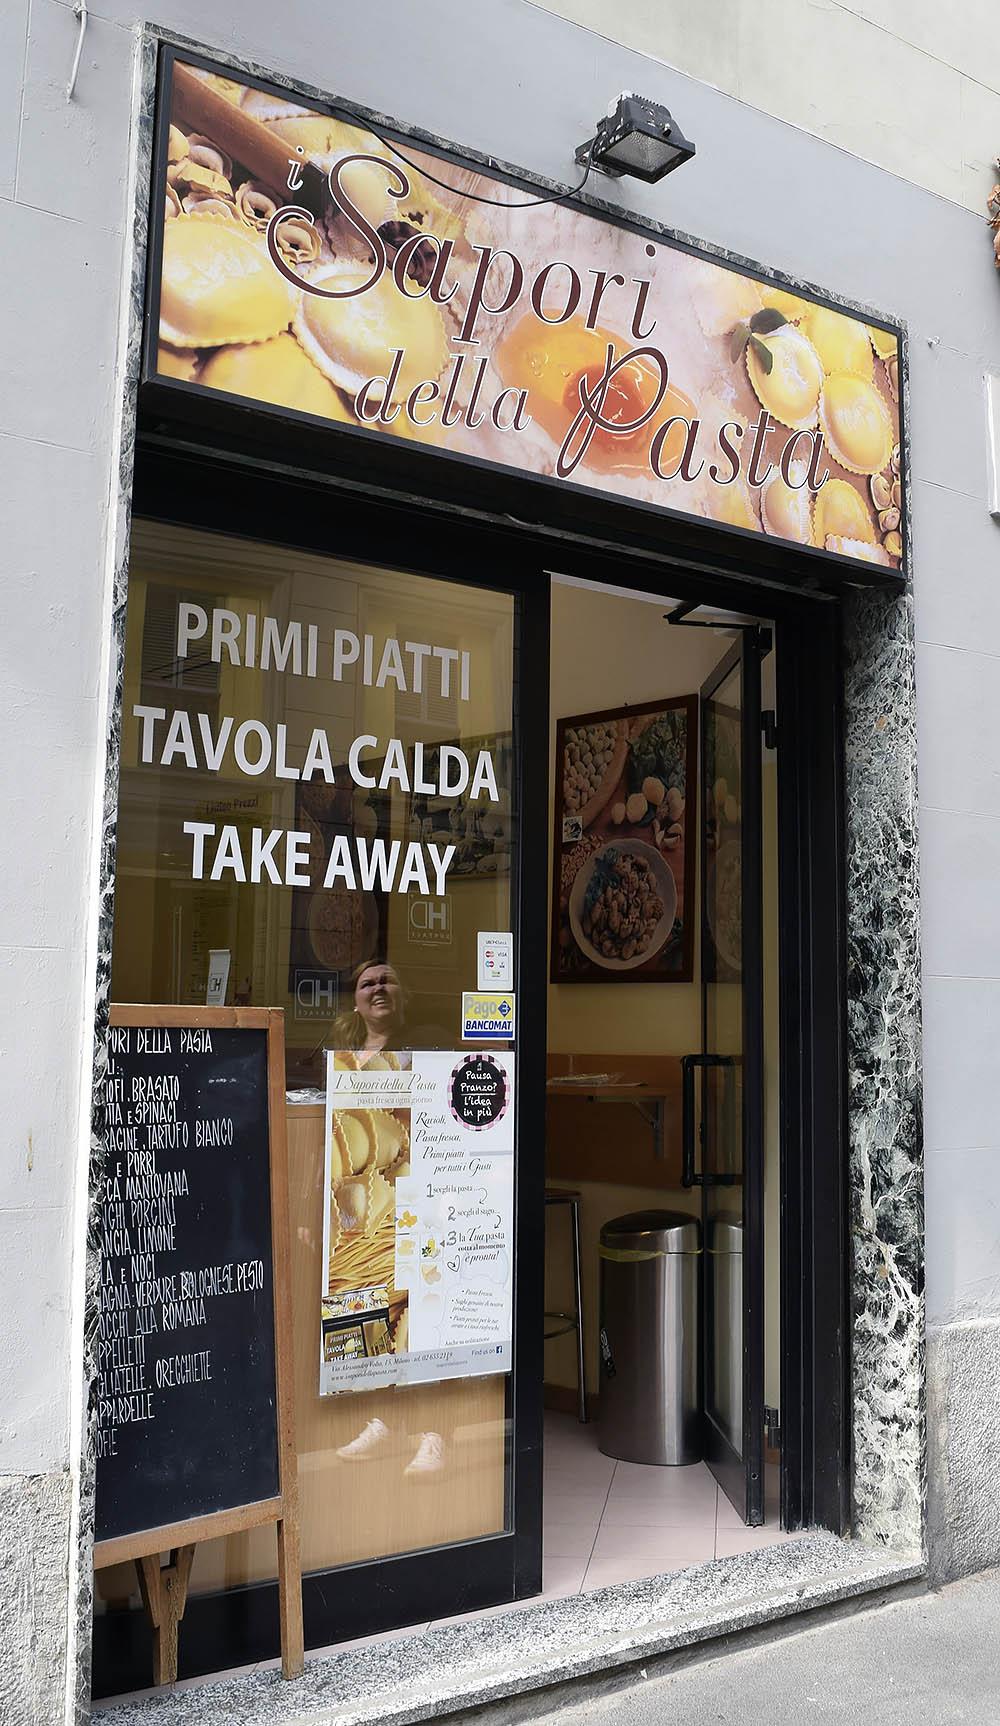 Hål i väggen pasta. Detta ställe är minimalt men misströsta ej! Du väljer vilken färsk pasta du vill ha, pesto eller sås och den tillagas framför dig och sedan tar du med dig maten eller slår dig ned vid din minimala bardisken.